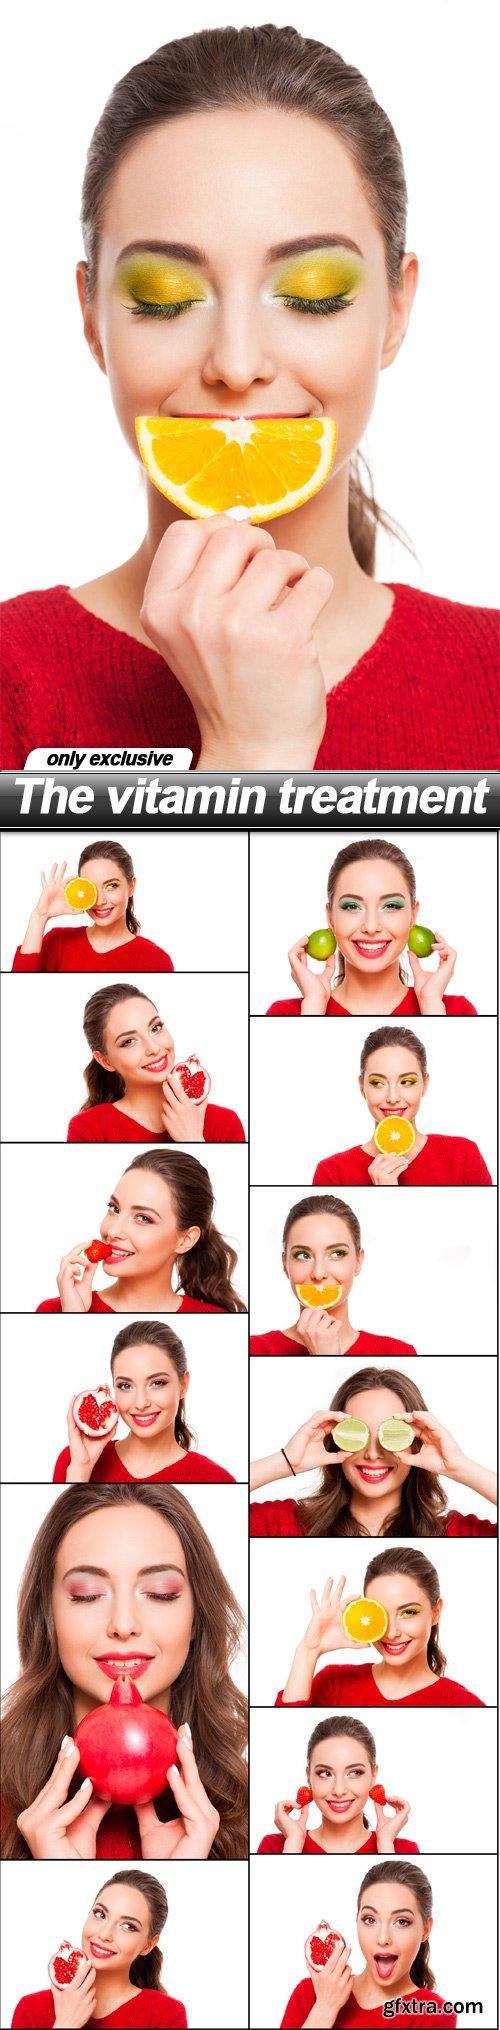 The vitamin treatment - 14 UHQ JPEG